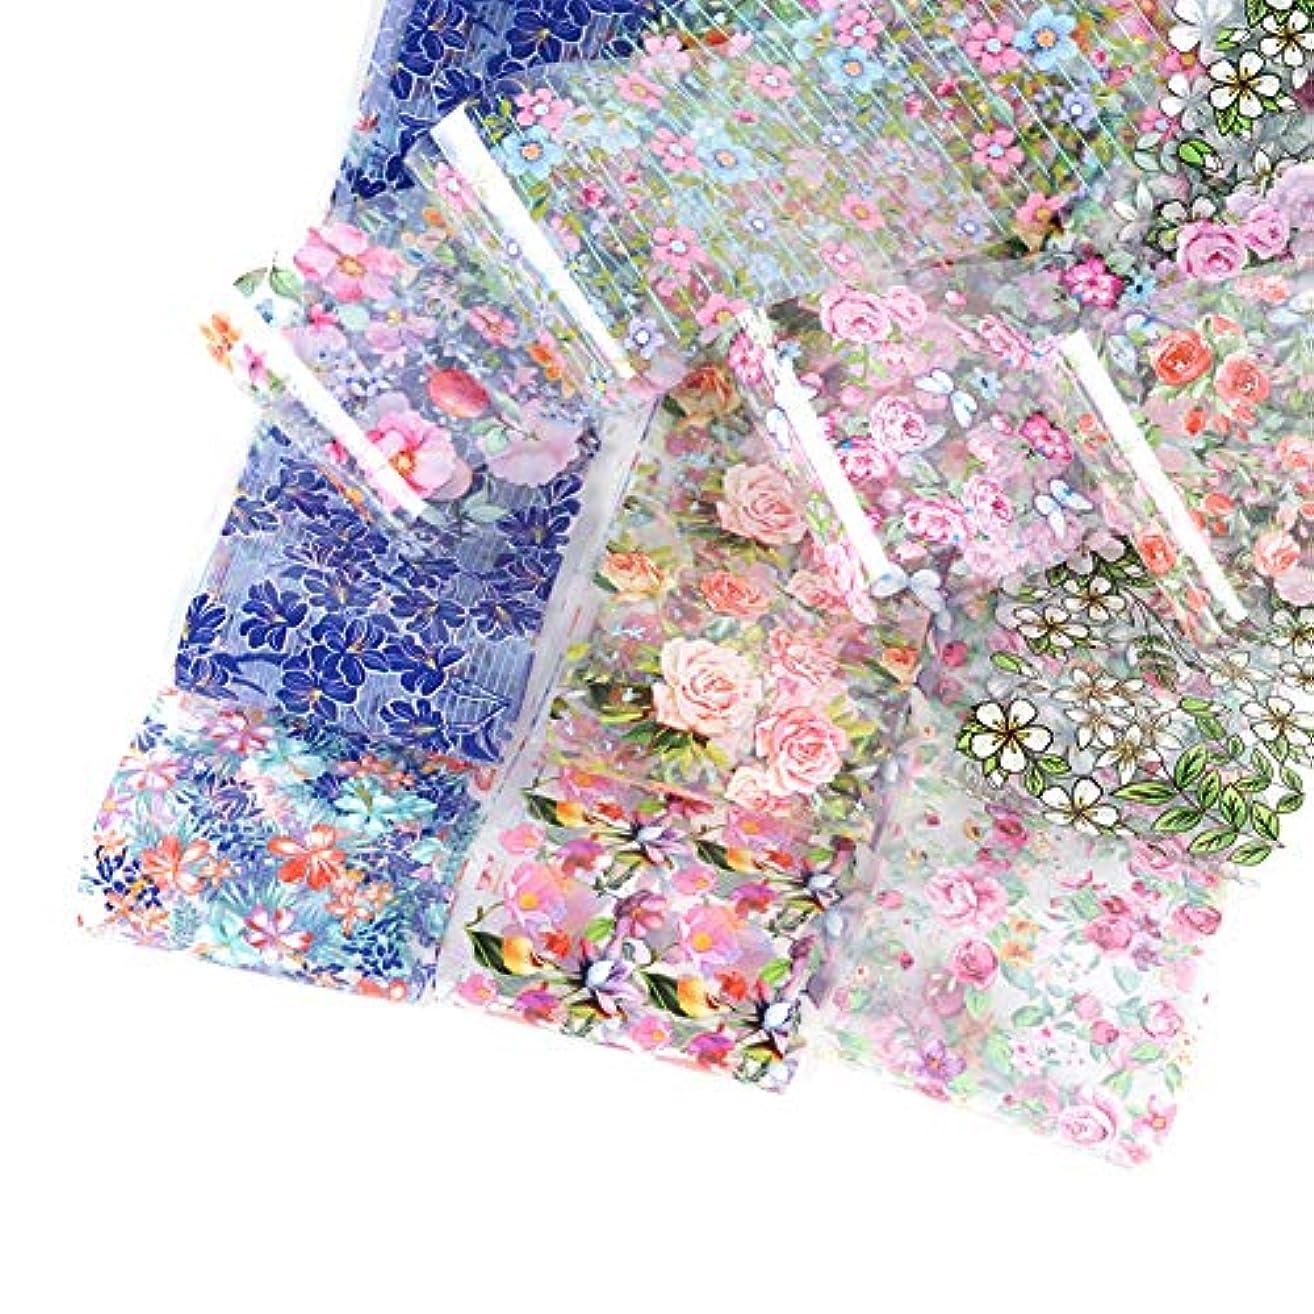 美徳予知作るGoshang ネイルシール ネイルステッカー 星空ネイル シェル 花柄ネイルホイル 水彩の花 転写ホイル 箔紙 シェルプリント 極薄フィルム 3D デザイン ネイル転印シール 10pcsセット